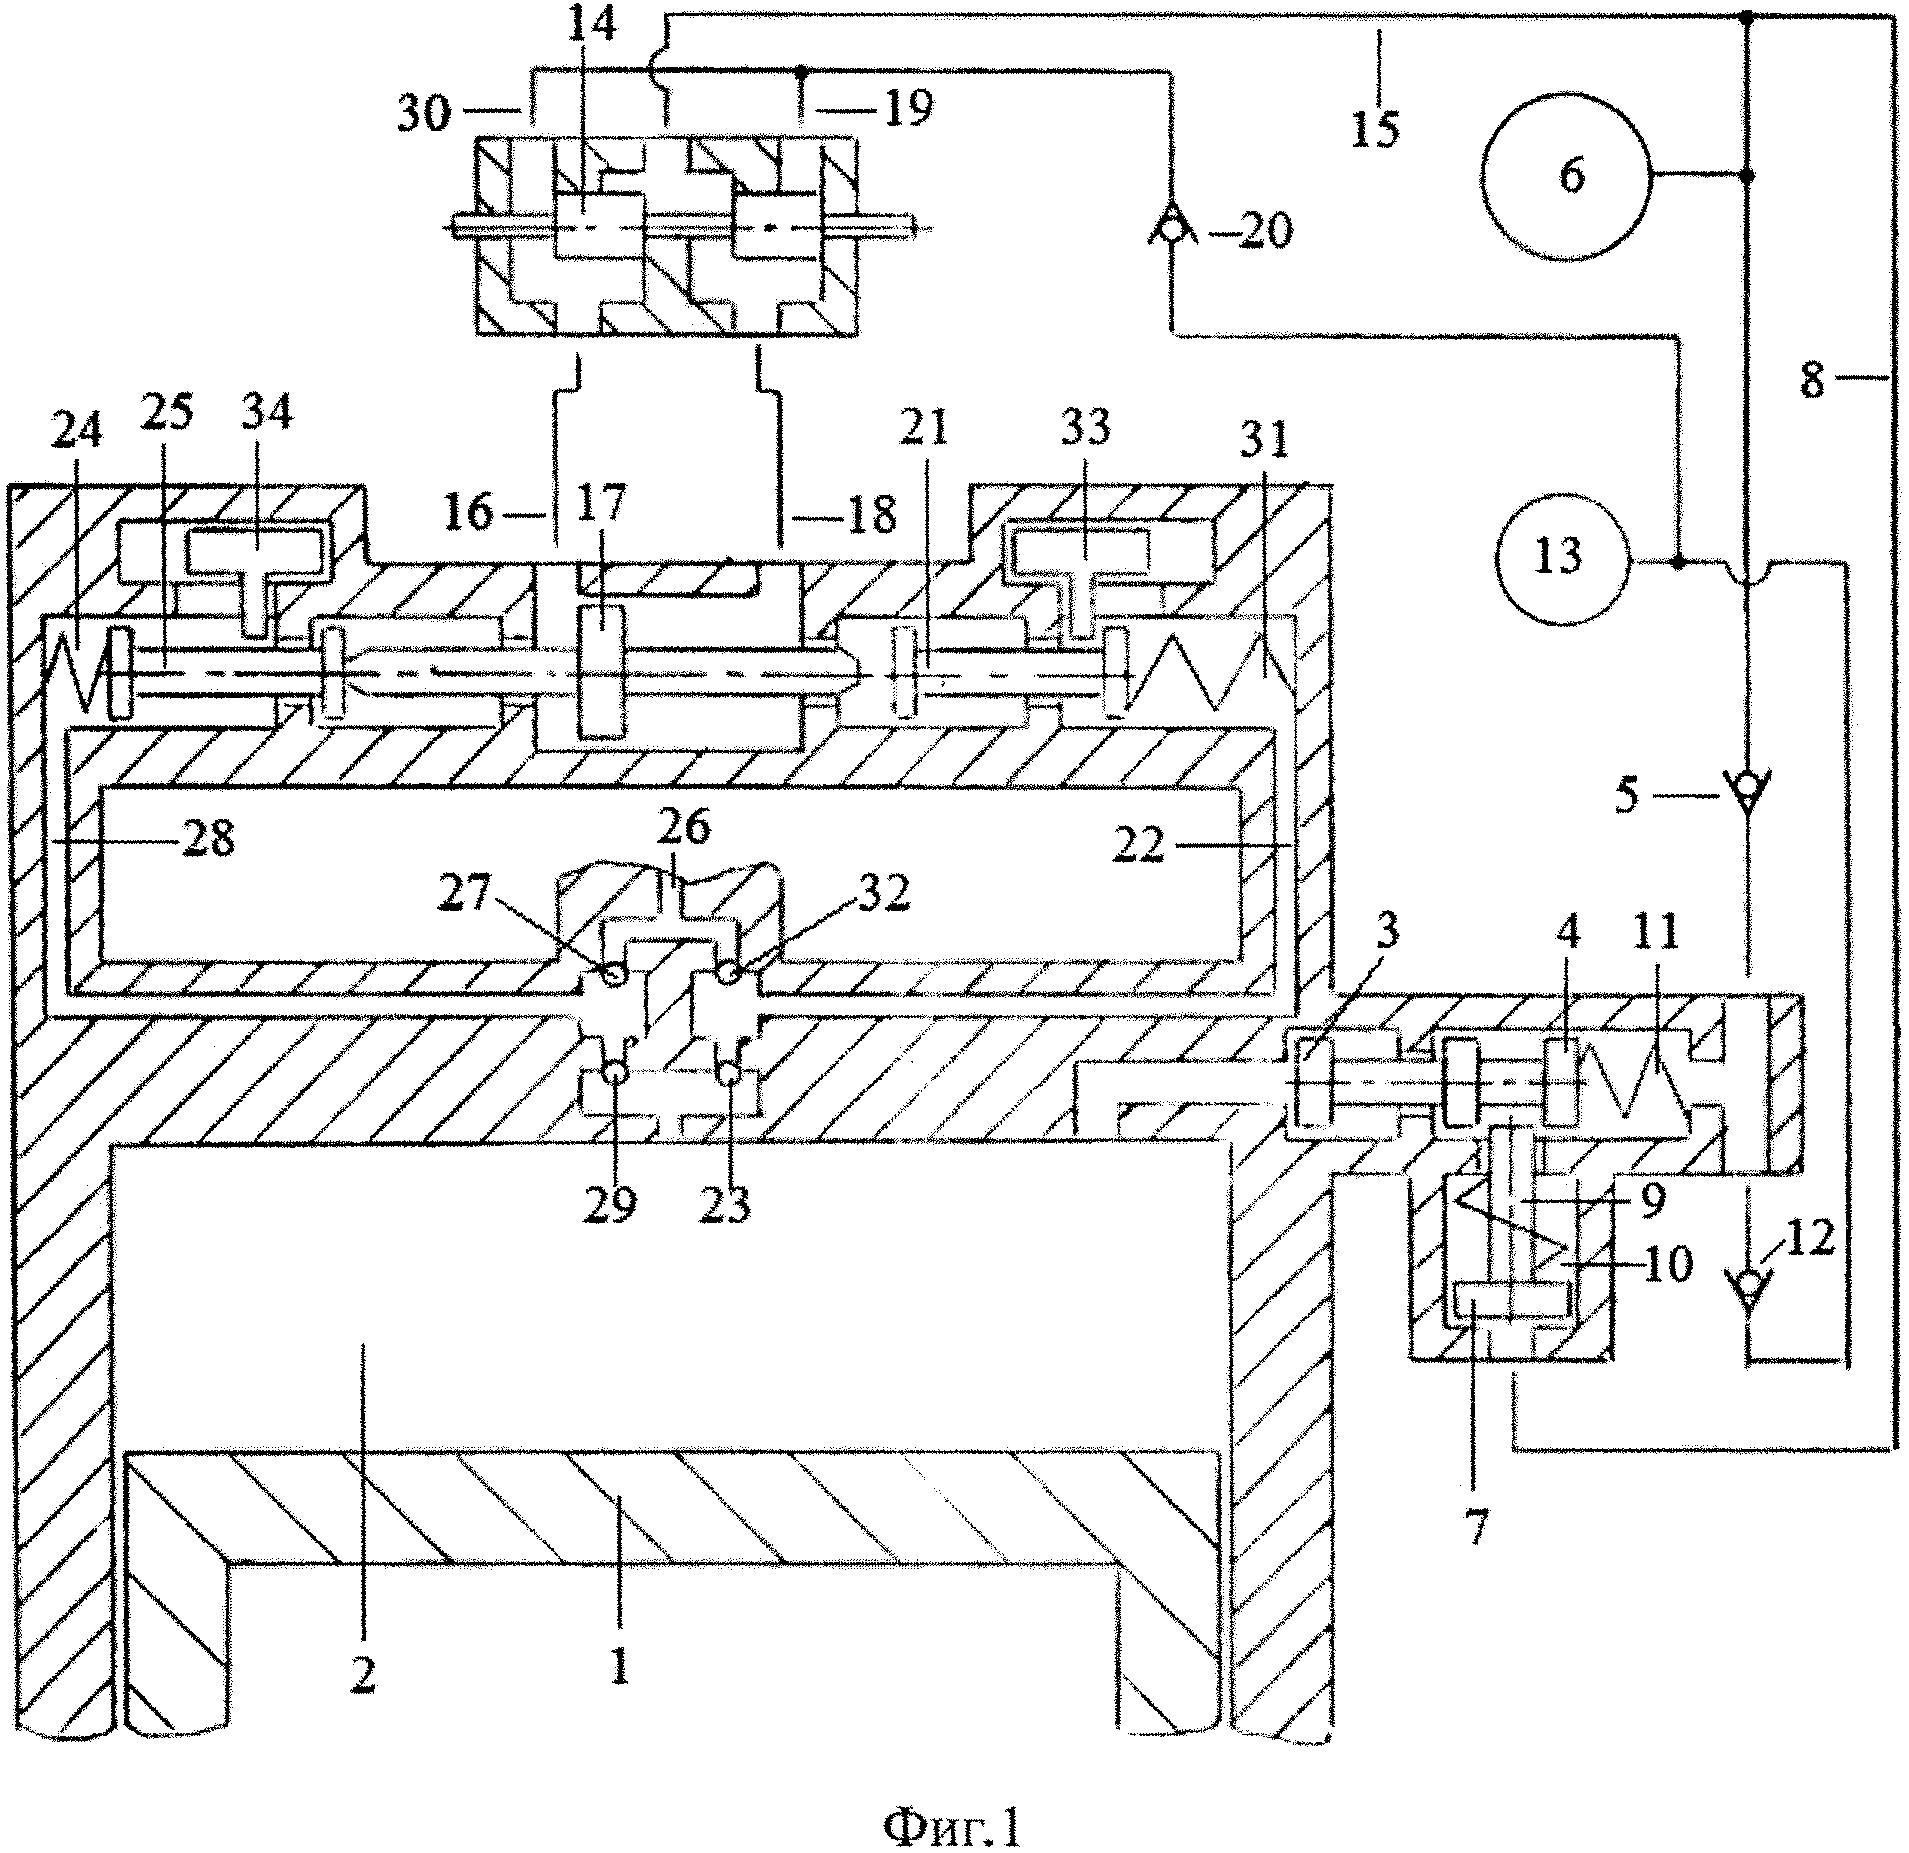 Способ управления дозой впрыскиваемого топлива в камеру сгорания двигателя внутреннего сгорания однотактным приводом топливной форсунки